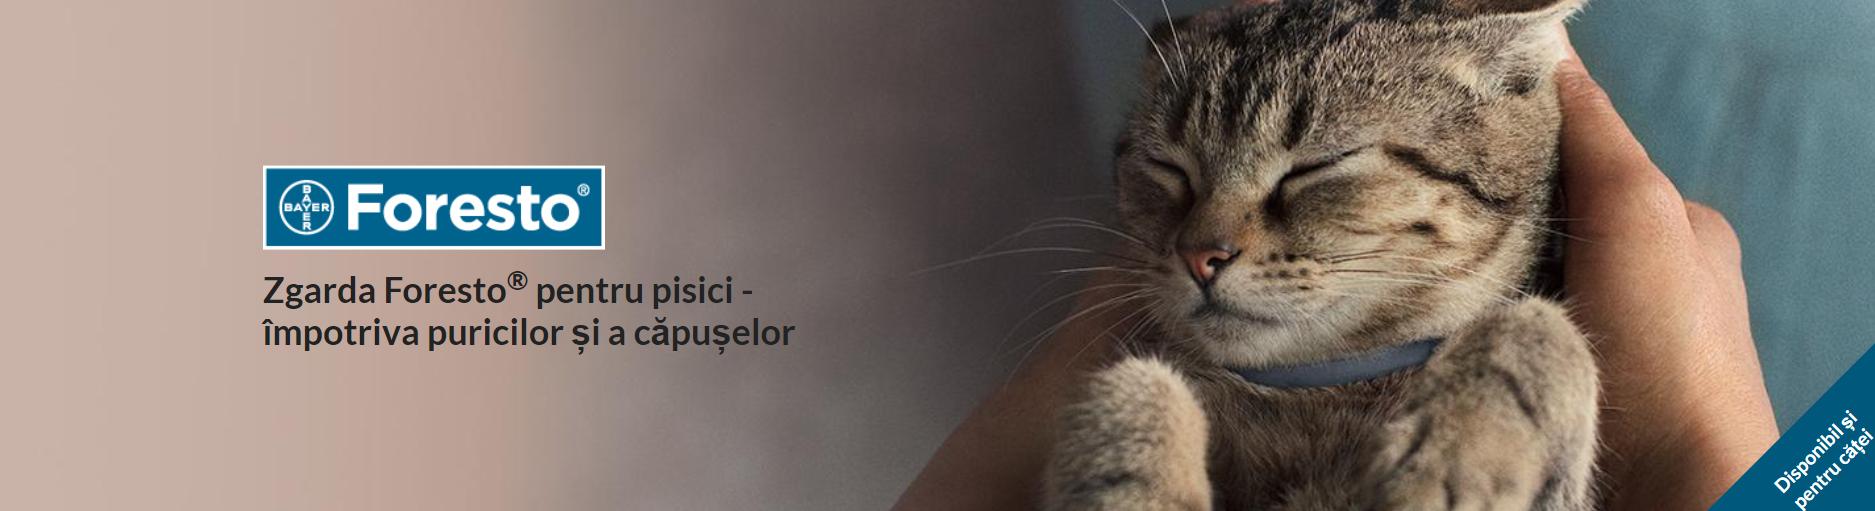 Zgarda Foresto pentru pisici